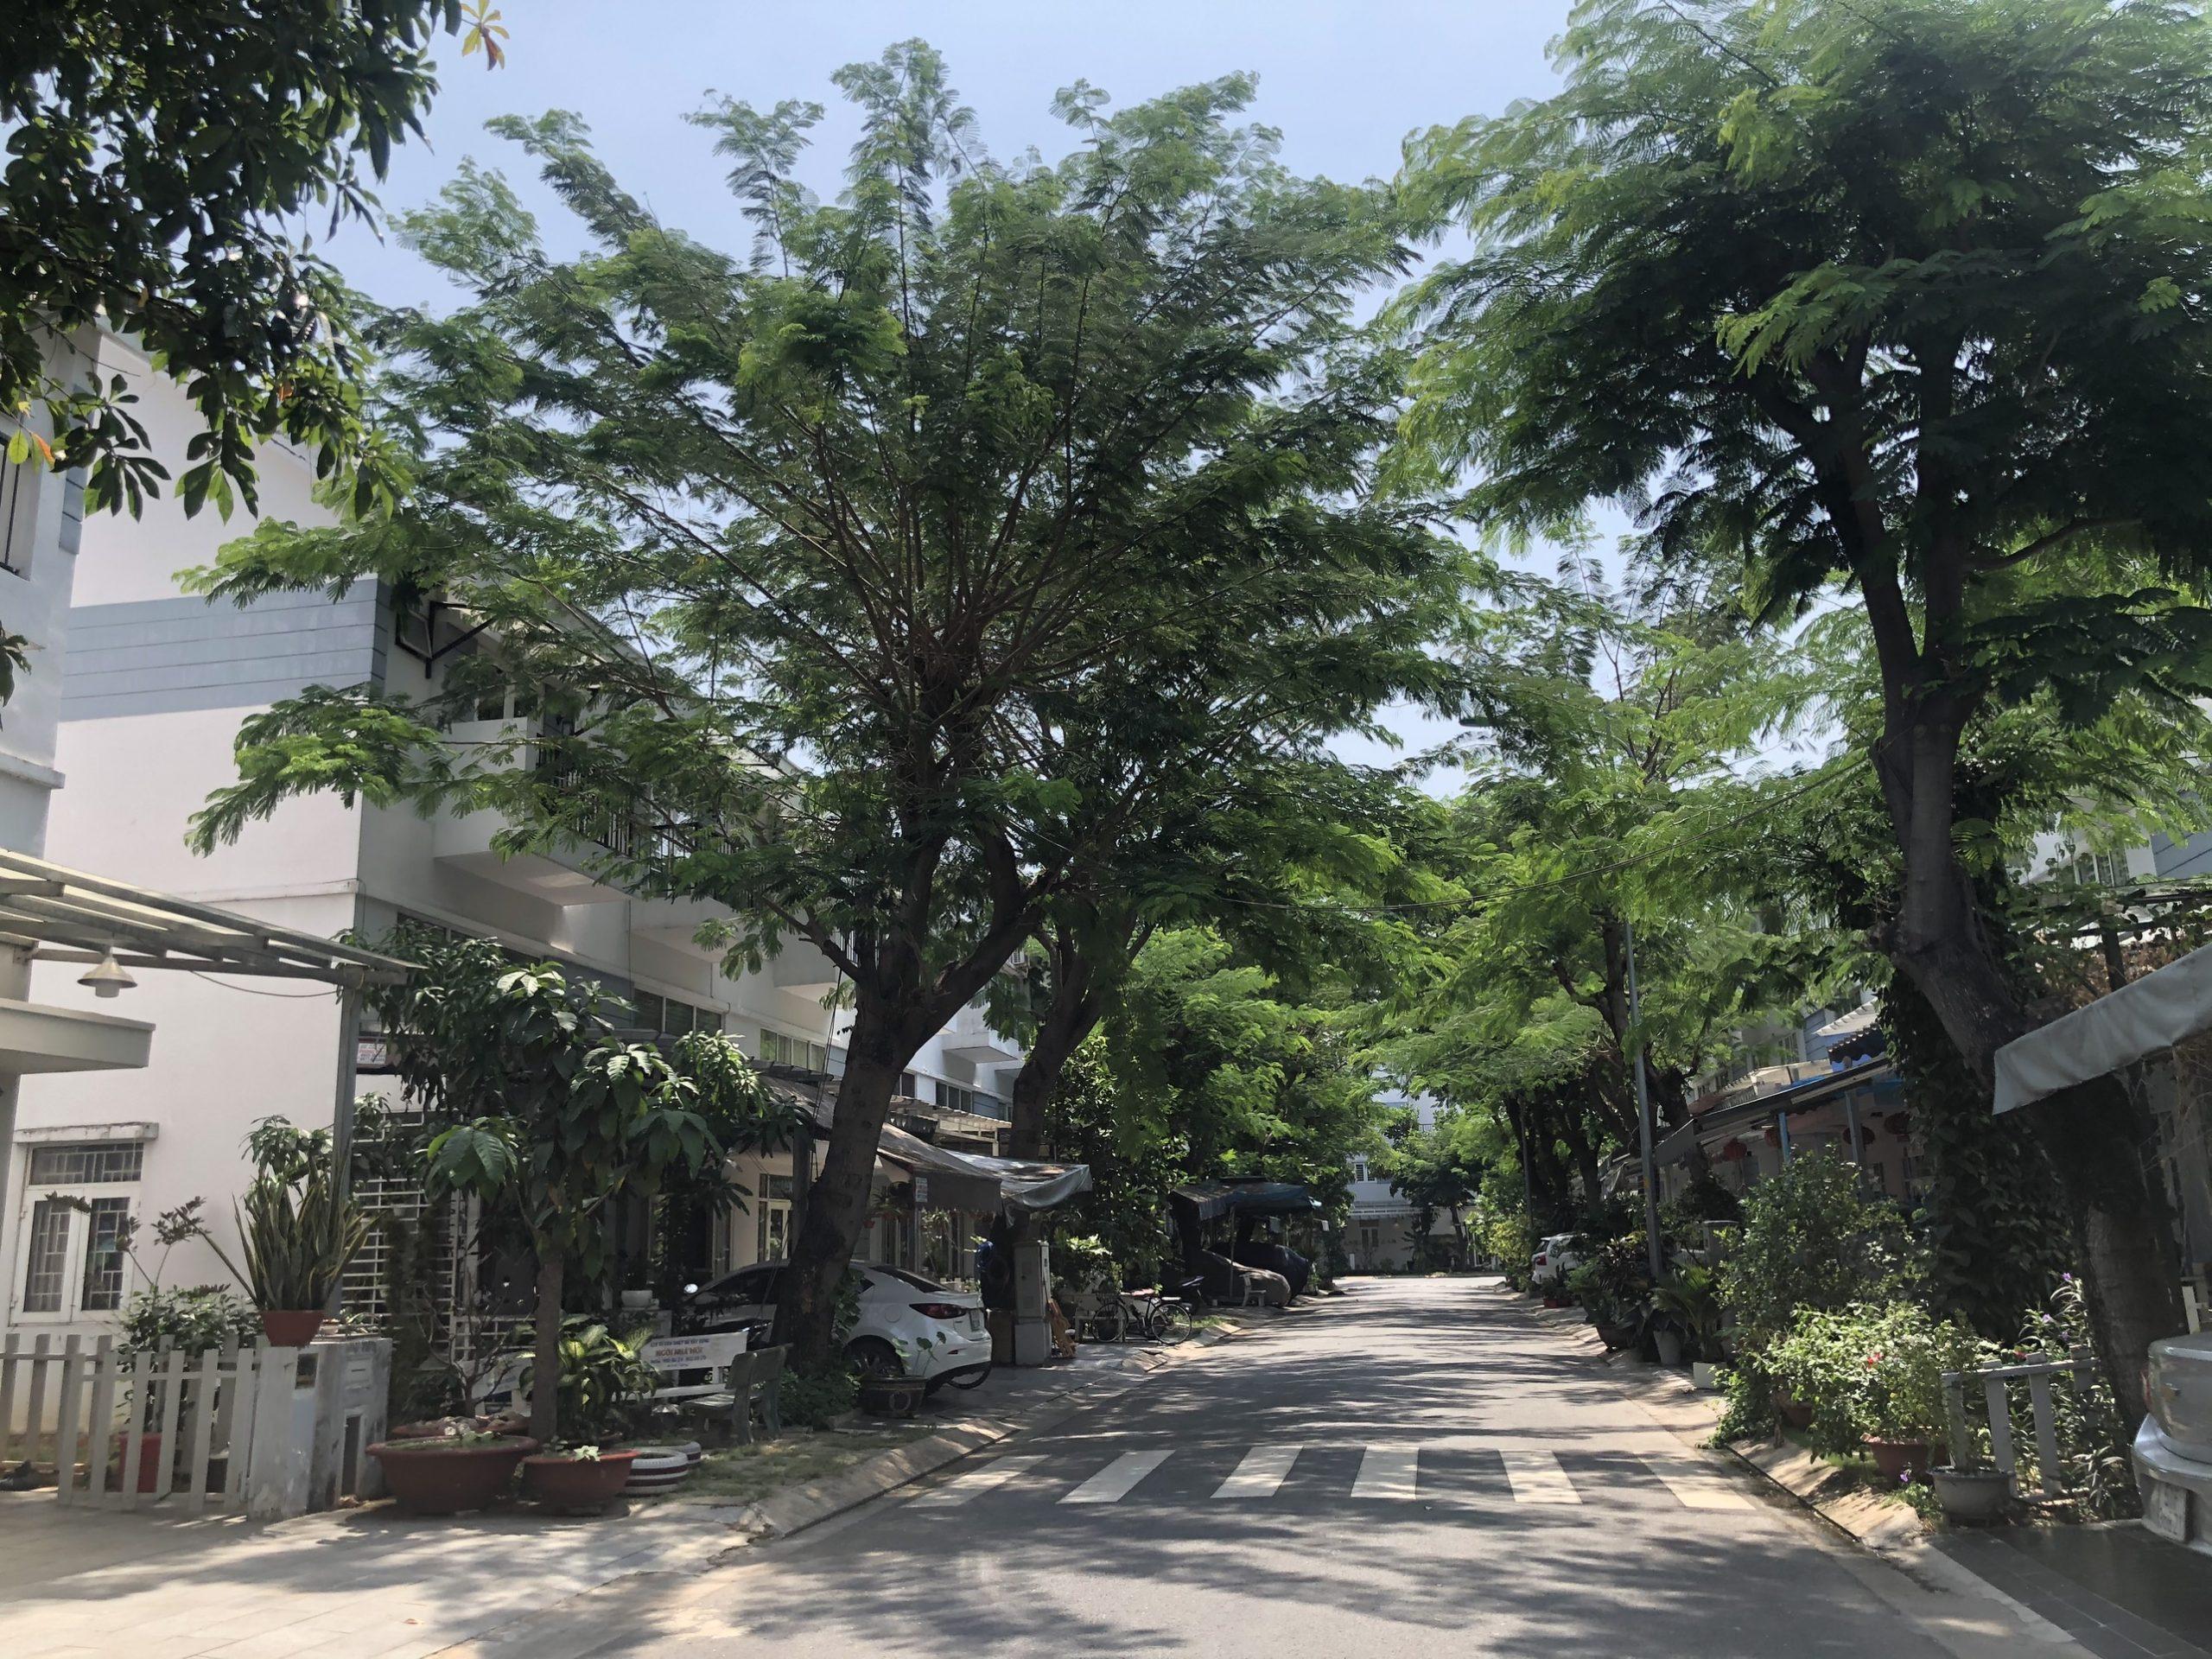 Hình ảnh thực tế cập nhật năm 2021 dự án Mega Residence Khang Điền Quận 9. Liên hệ 0812 756 888